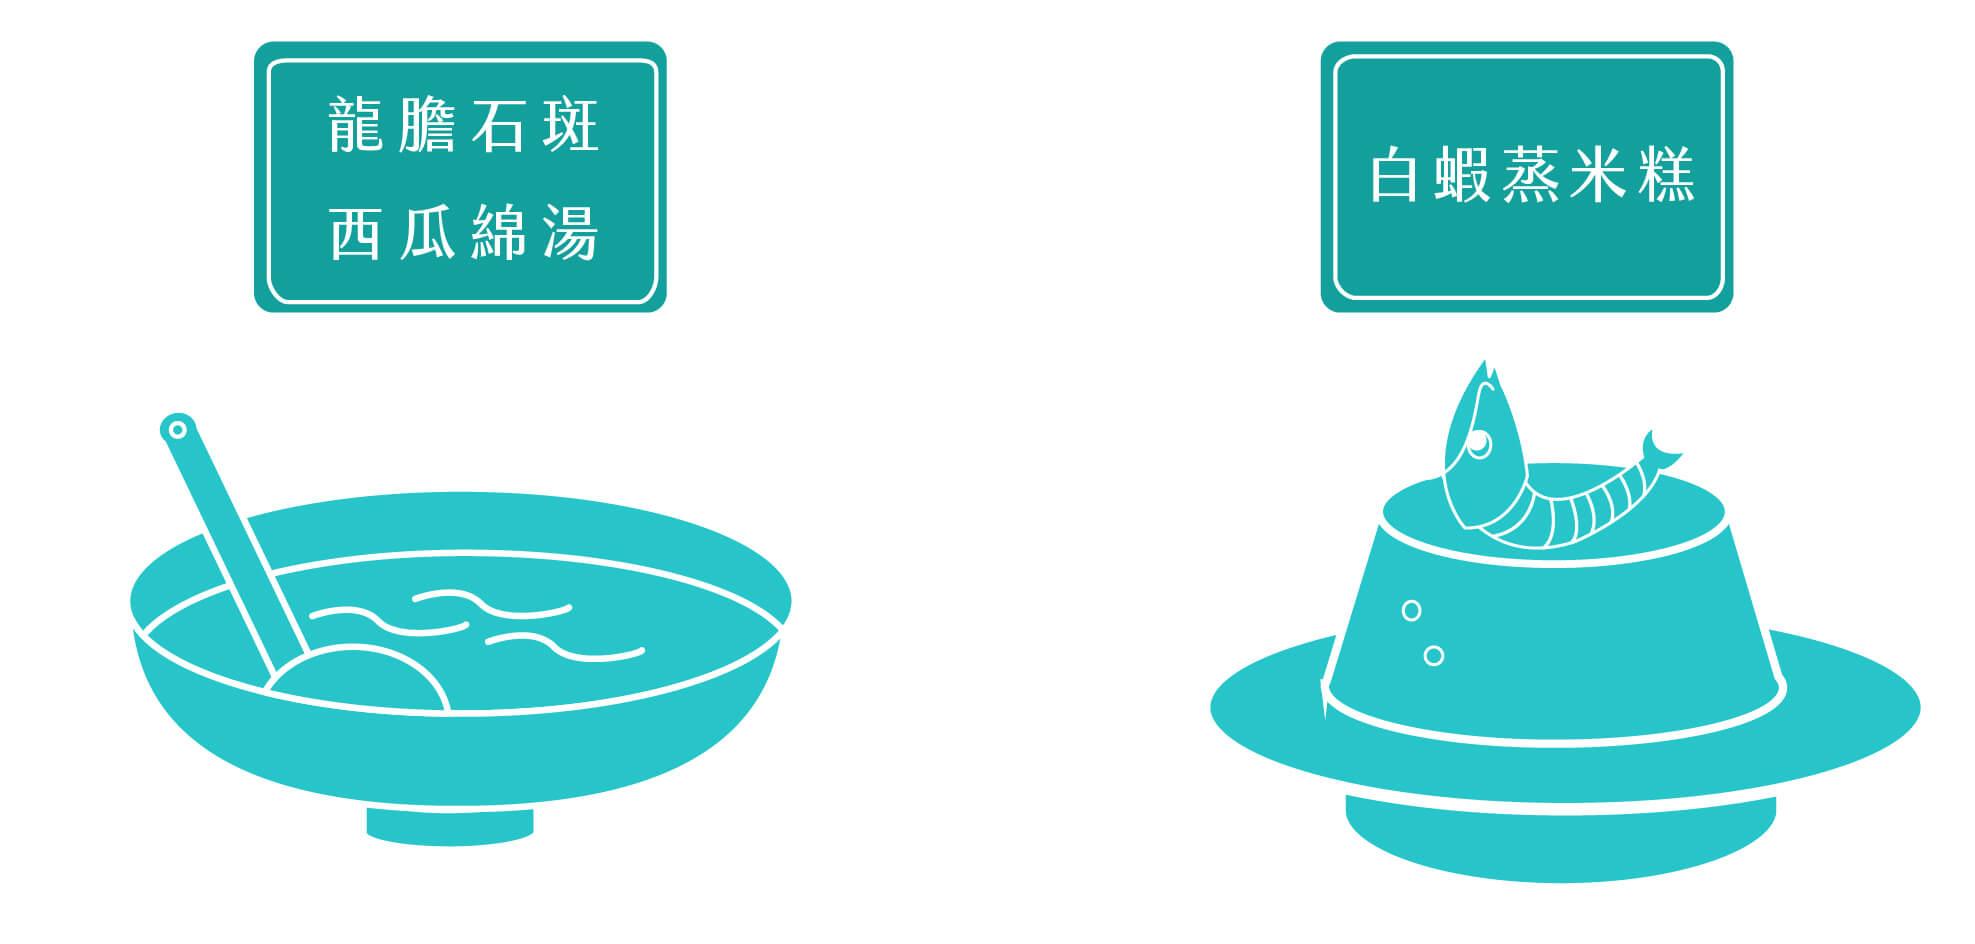 2018台南美食節活動春季 - 61-妳好南搞